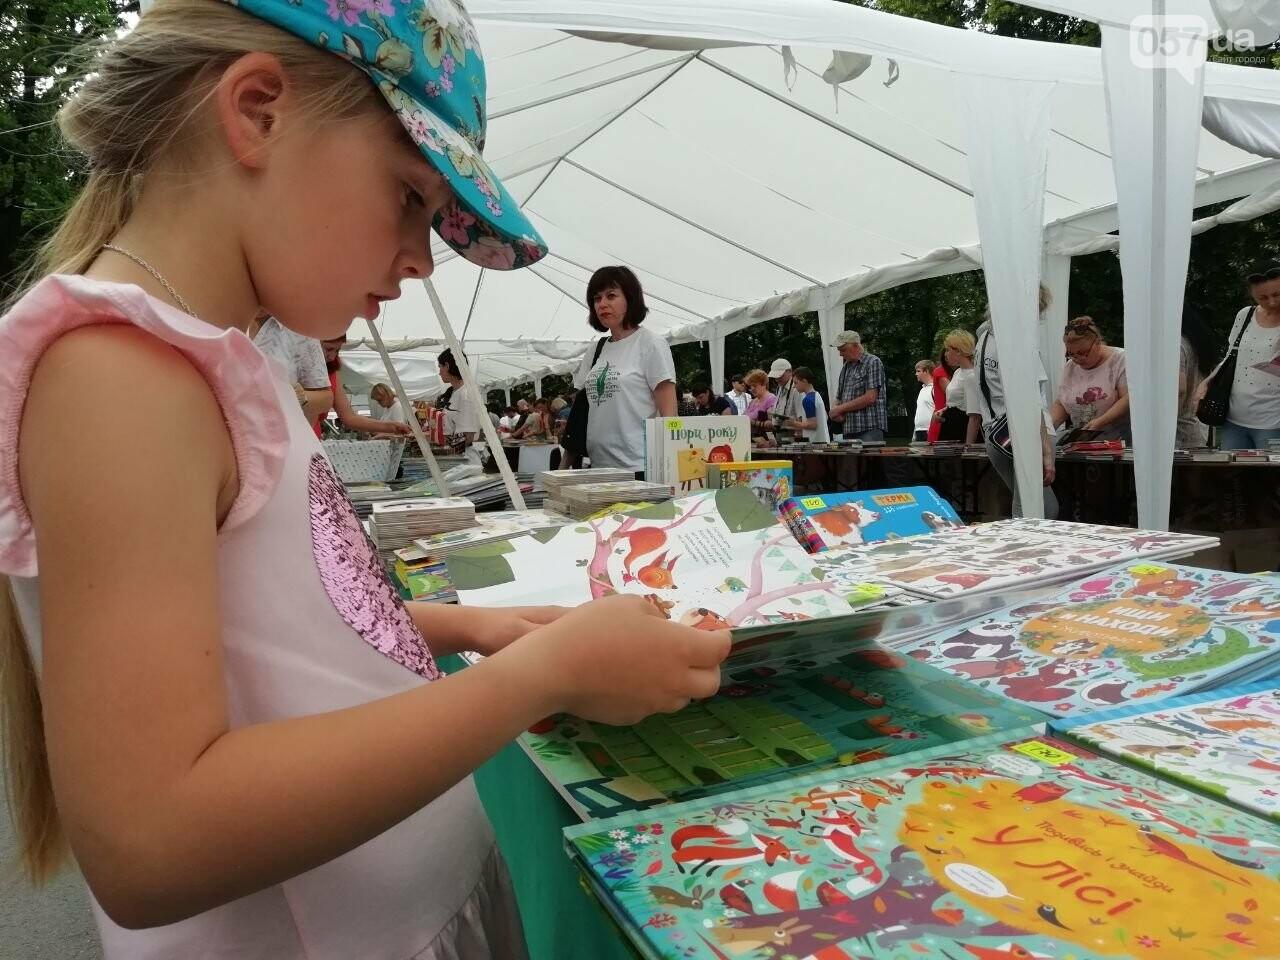 Литература для детей и взрослых: в центре Харькова проходит книжная ярмарка, - ФОТО, фото-6